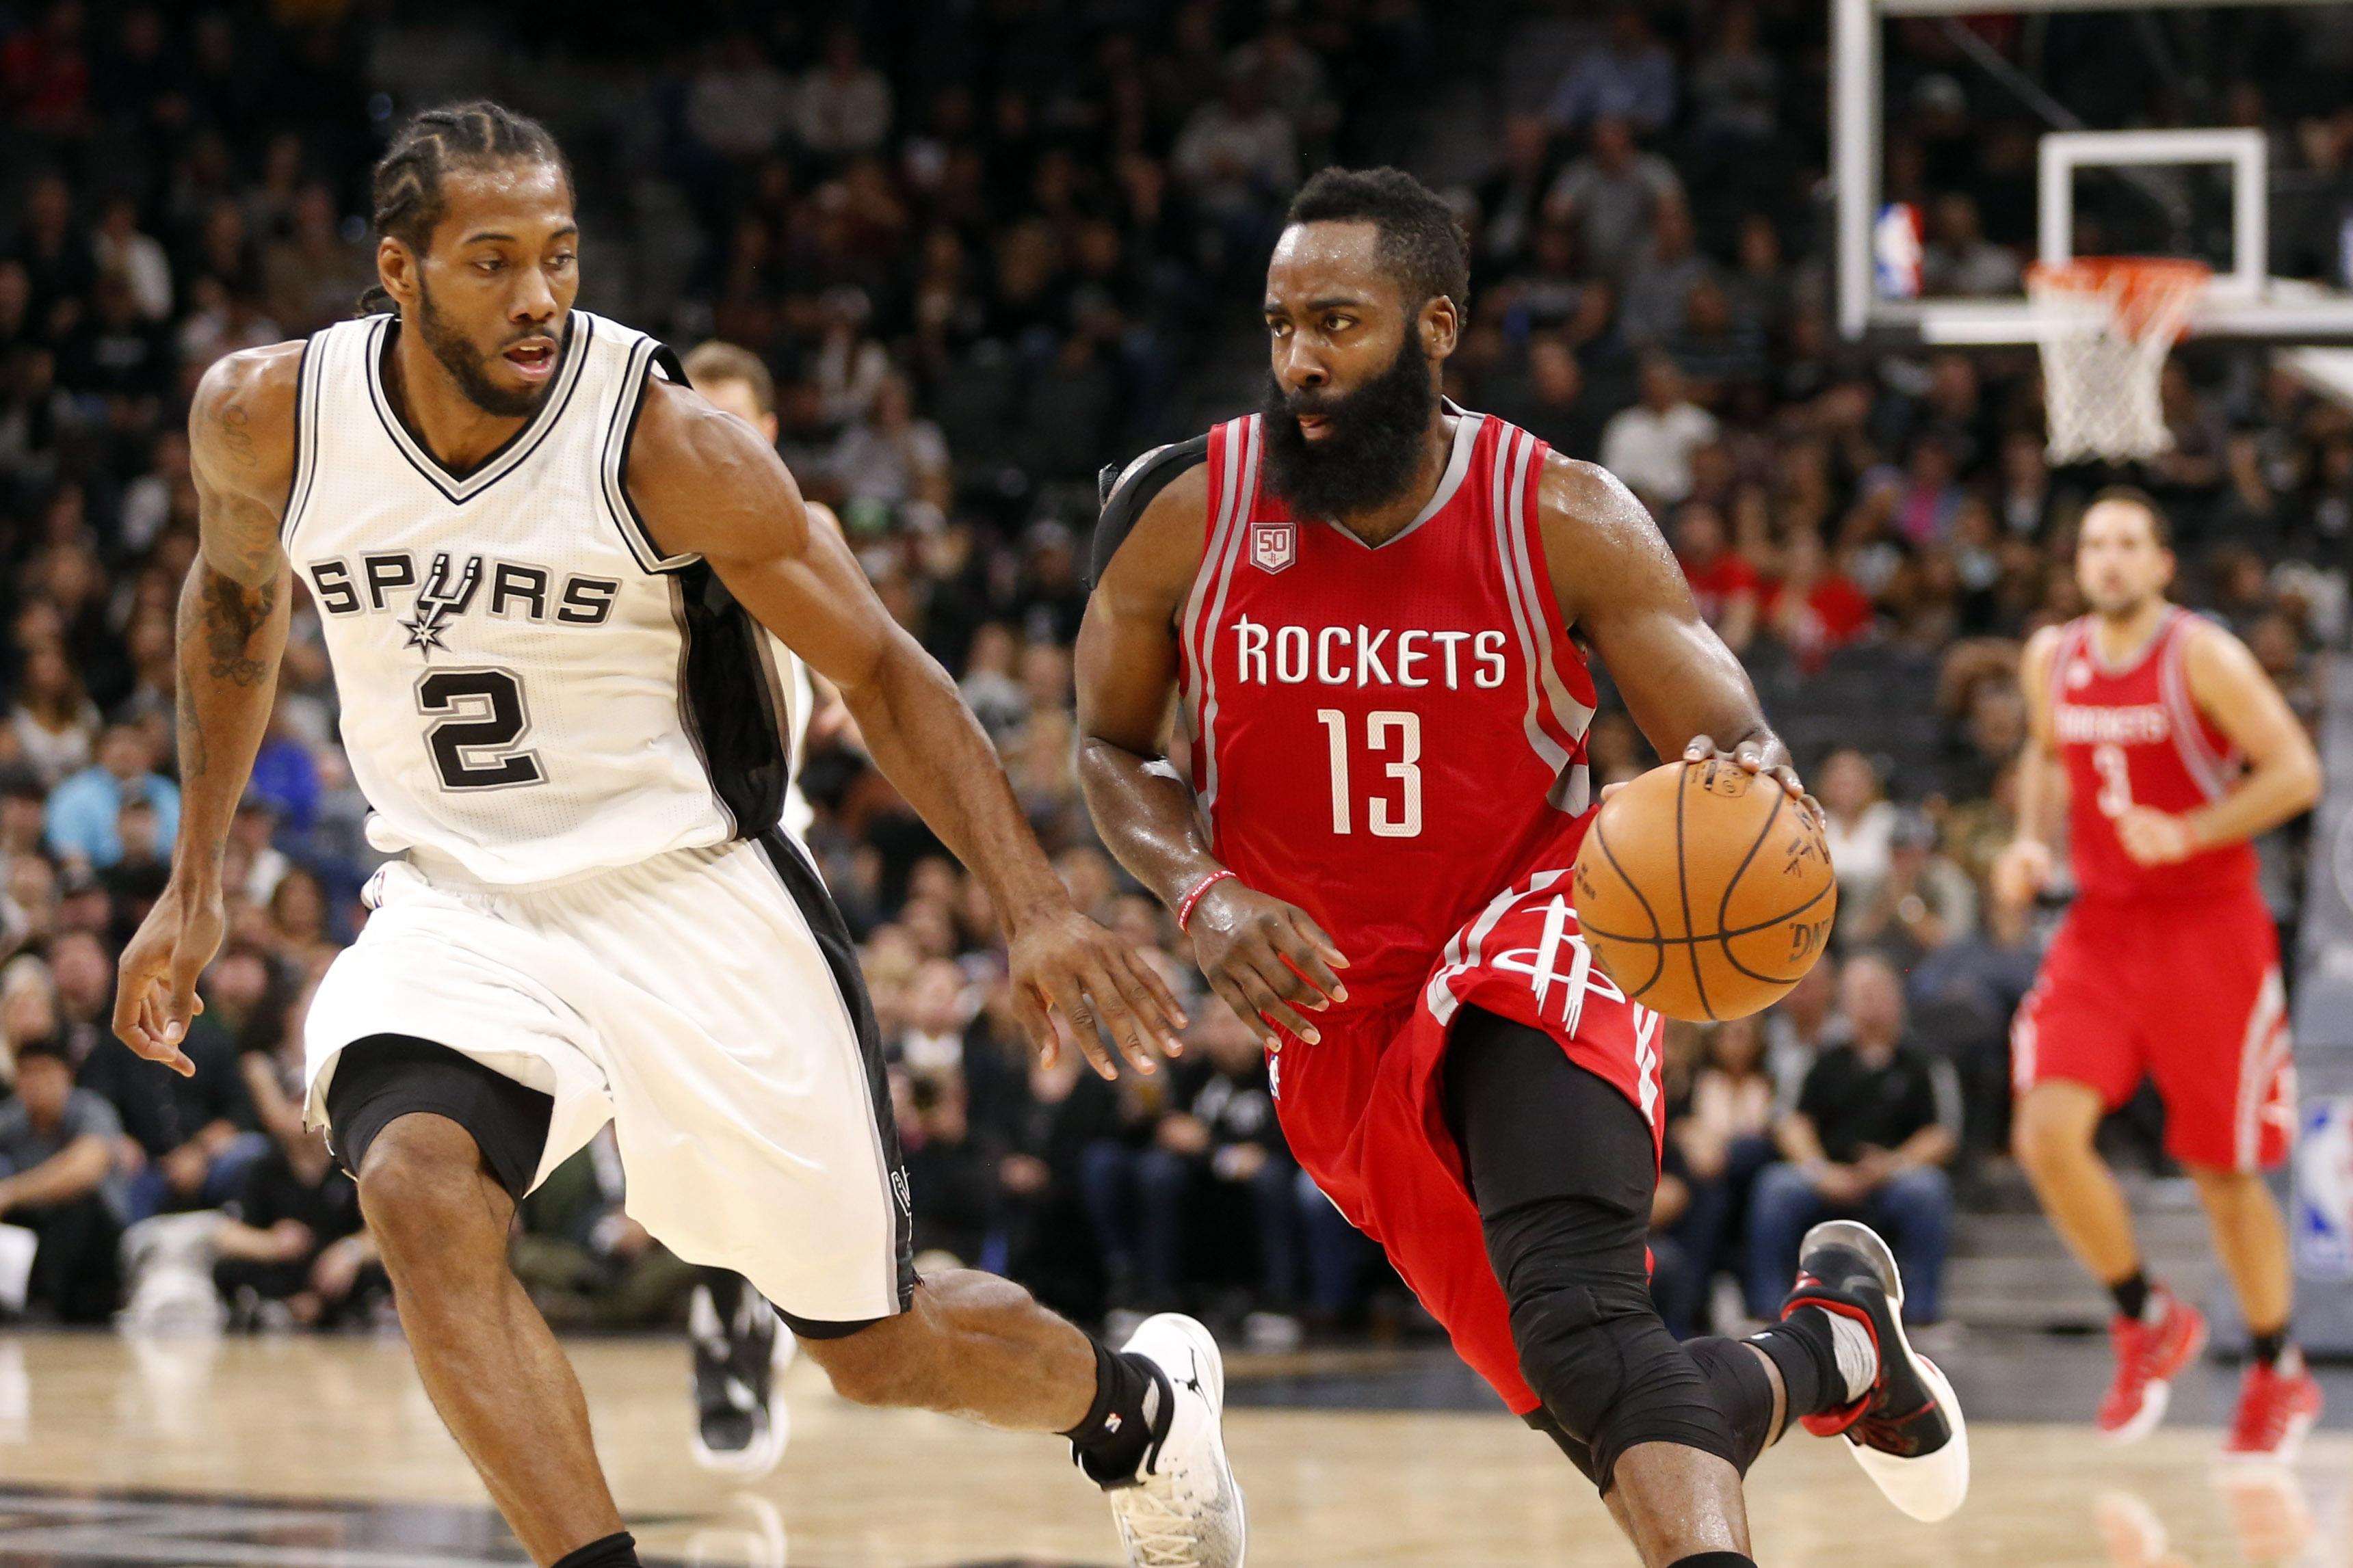 Ho houston rockets nba championship - Ho Houston Rockets Nba Championship